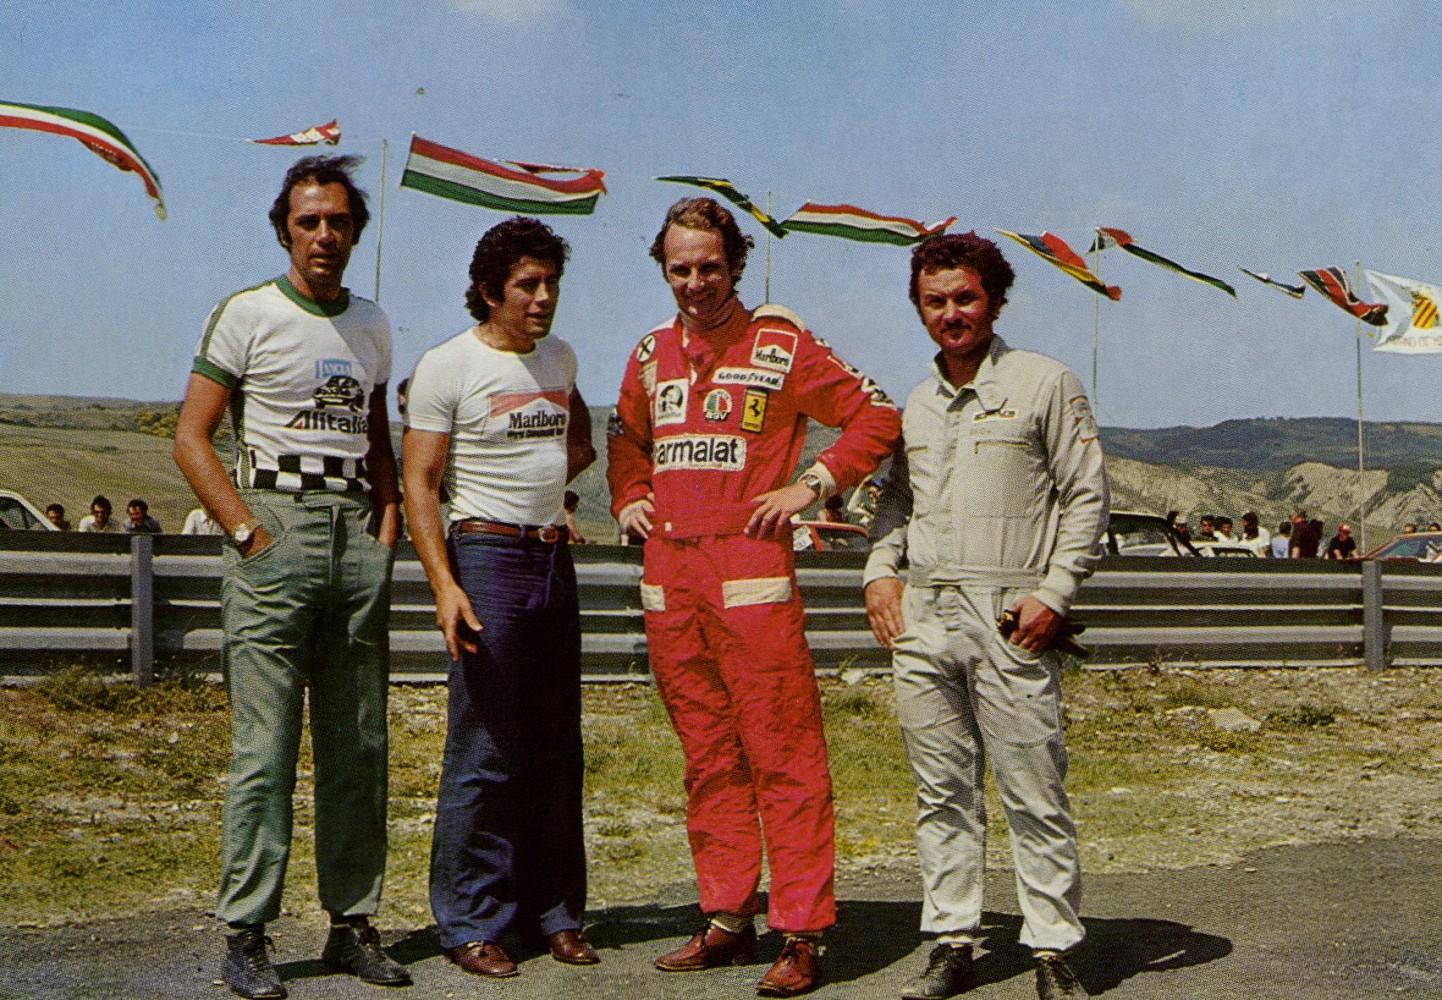 Varano Melegari Circuit